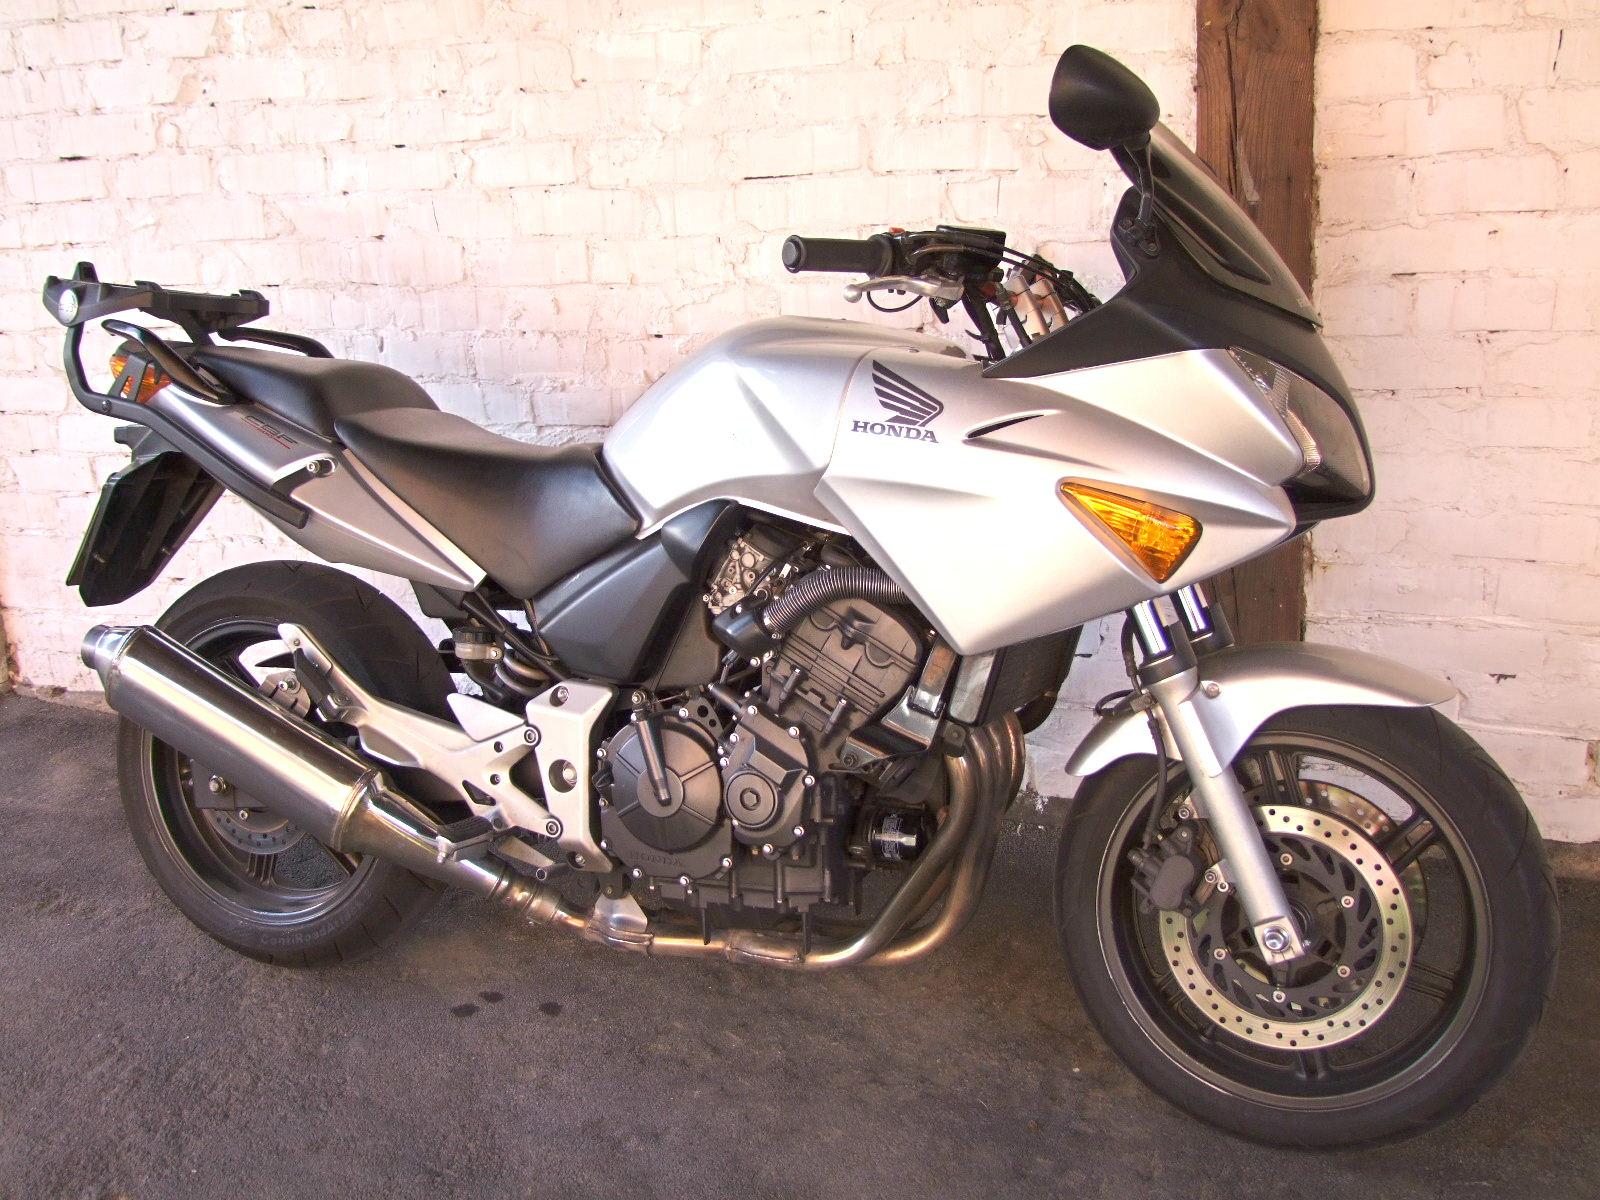 CBF 600 S 78 PS